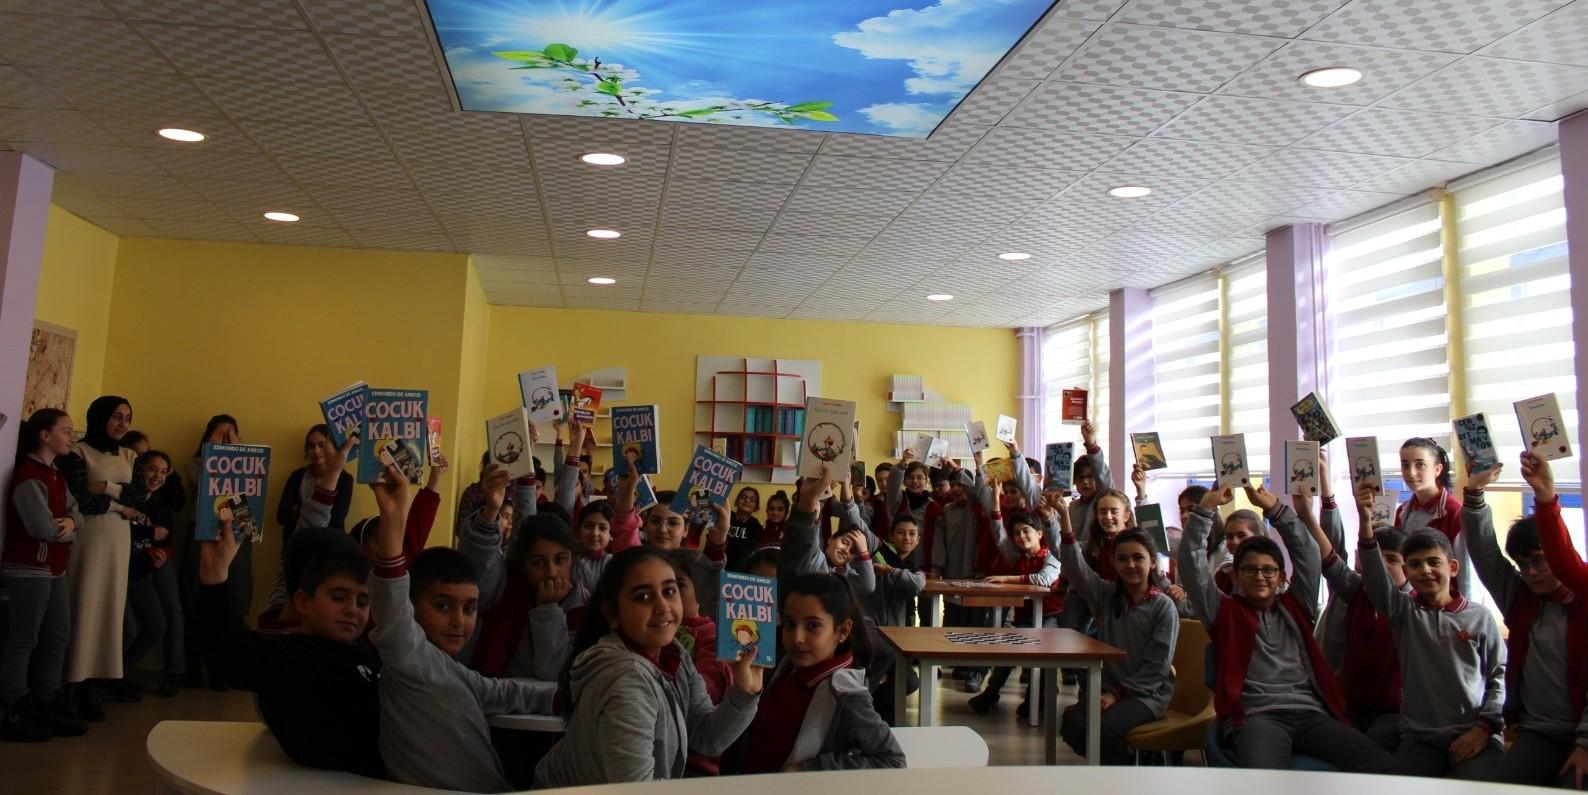 Saltukbey Ortaokulu gönülden okuyor